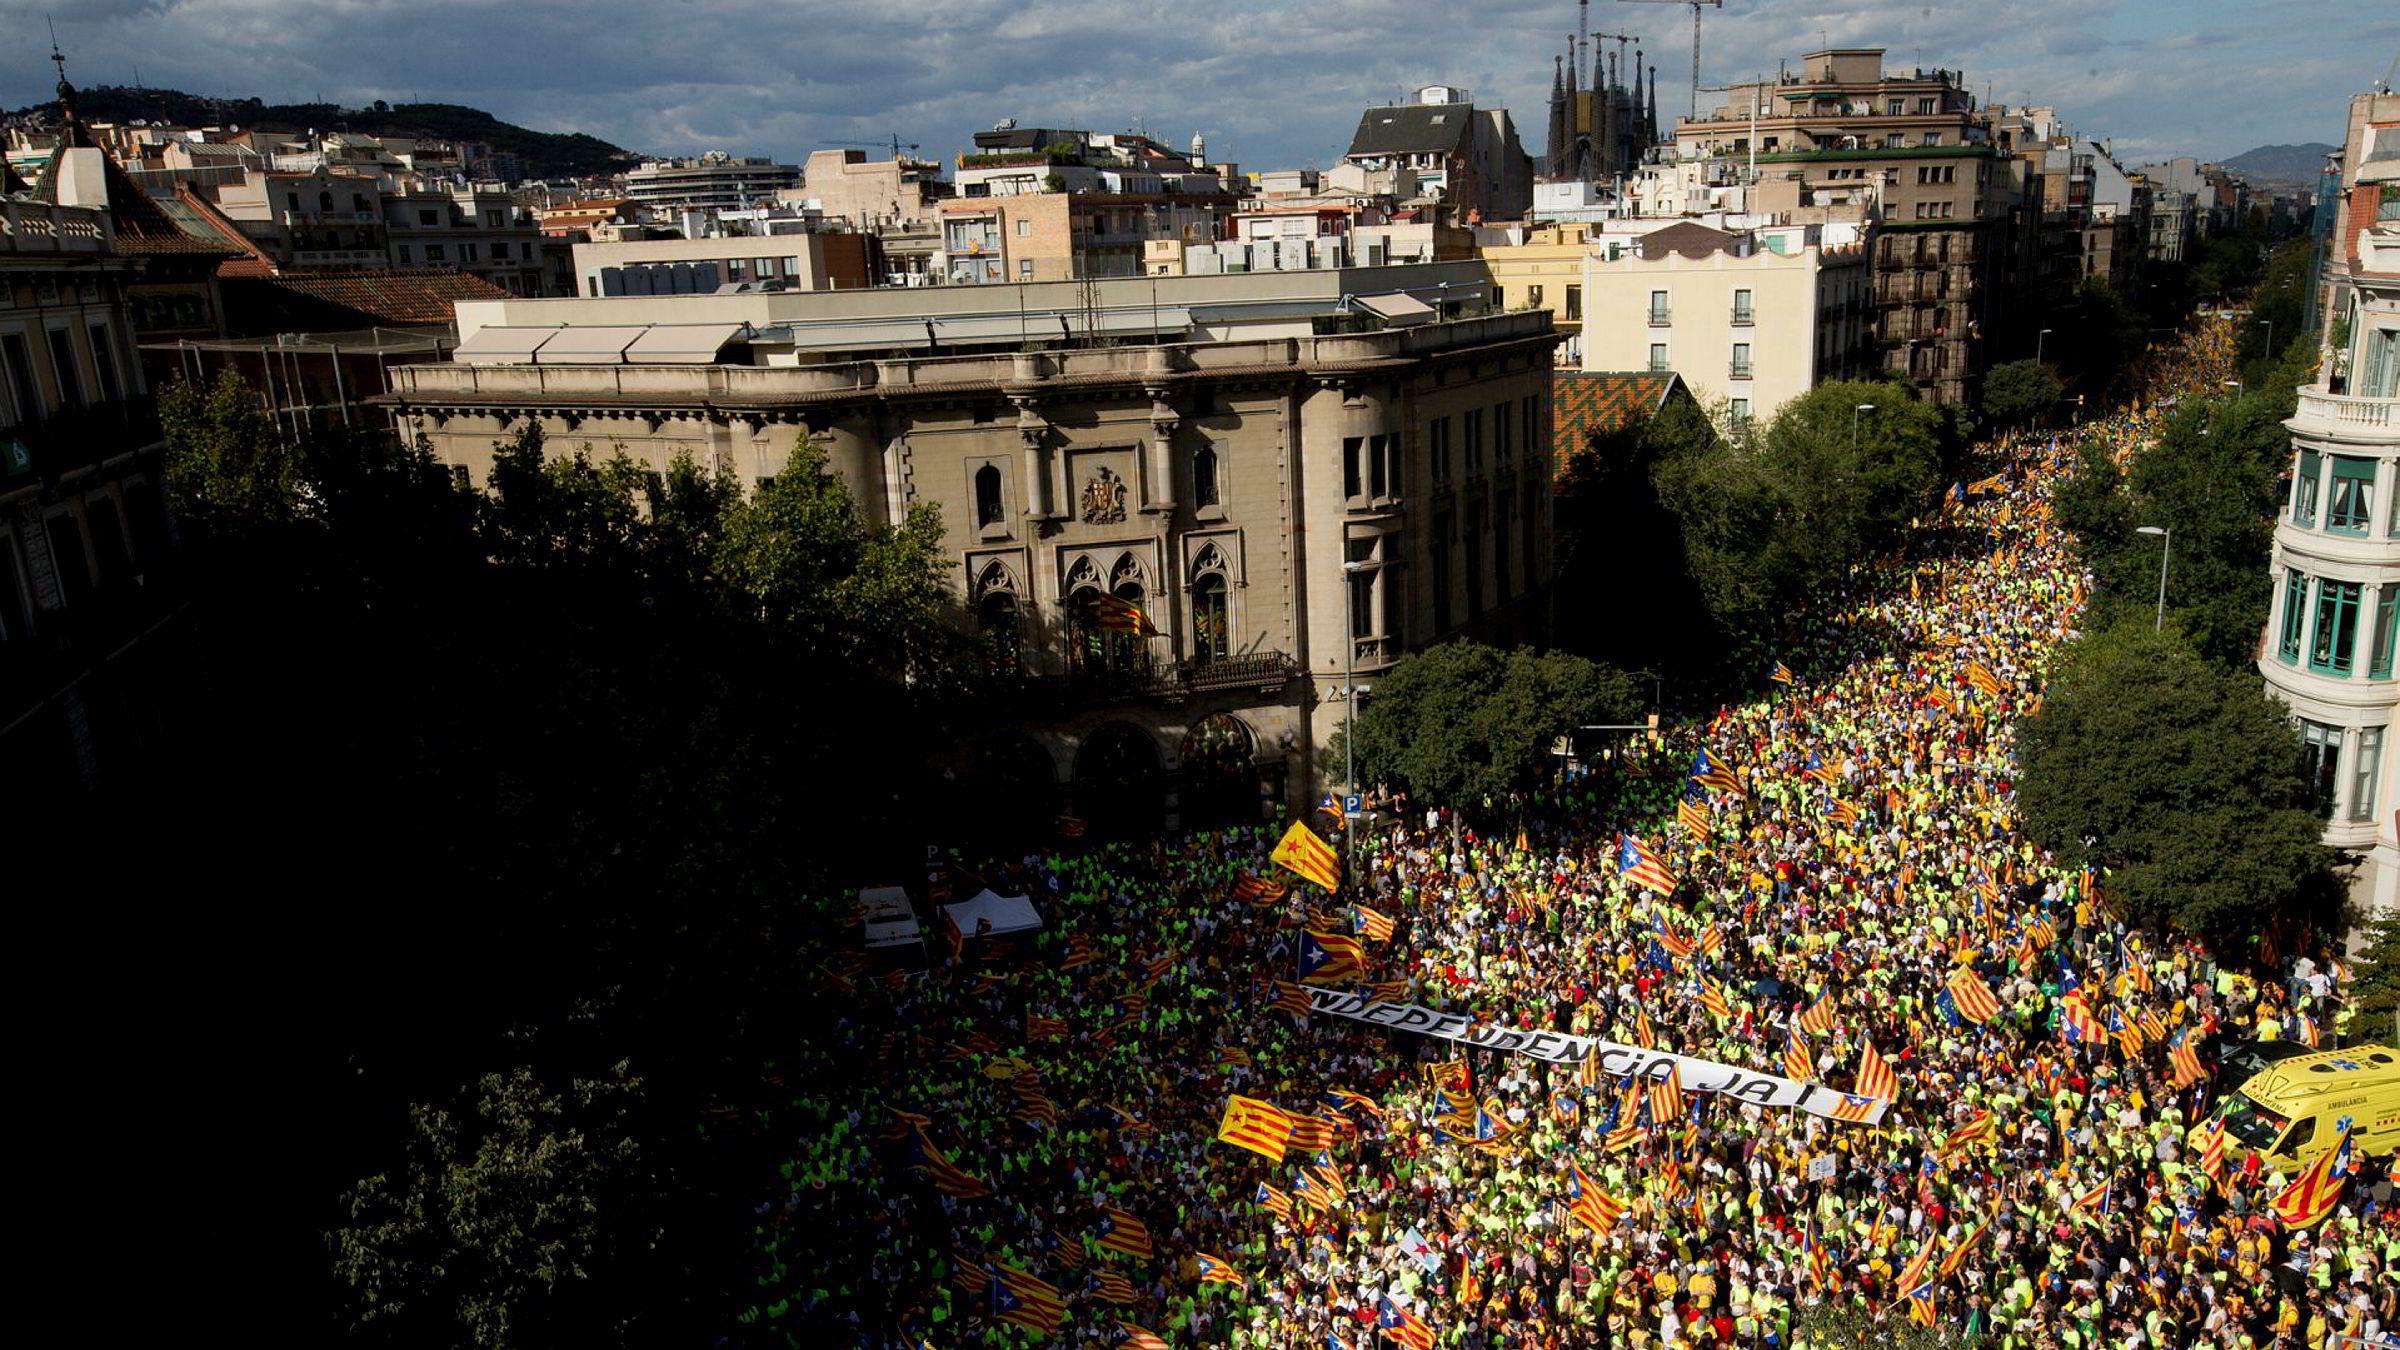 Hundretusener av mennesker deltok i demonstrasjonen for katalansk uavhengighet i Barcelona mandag.